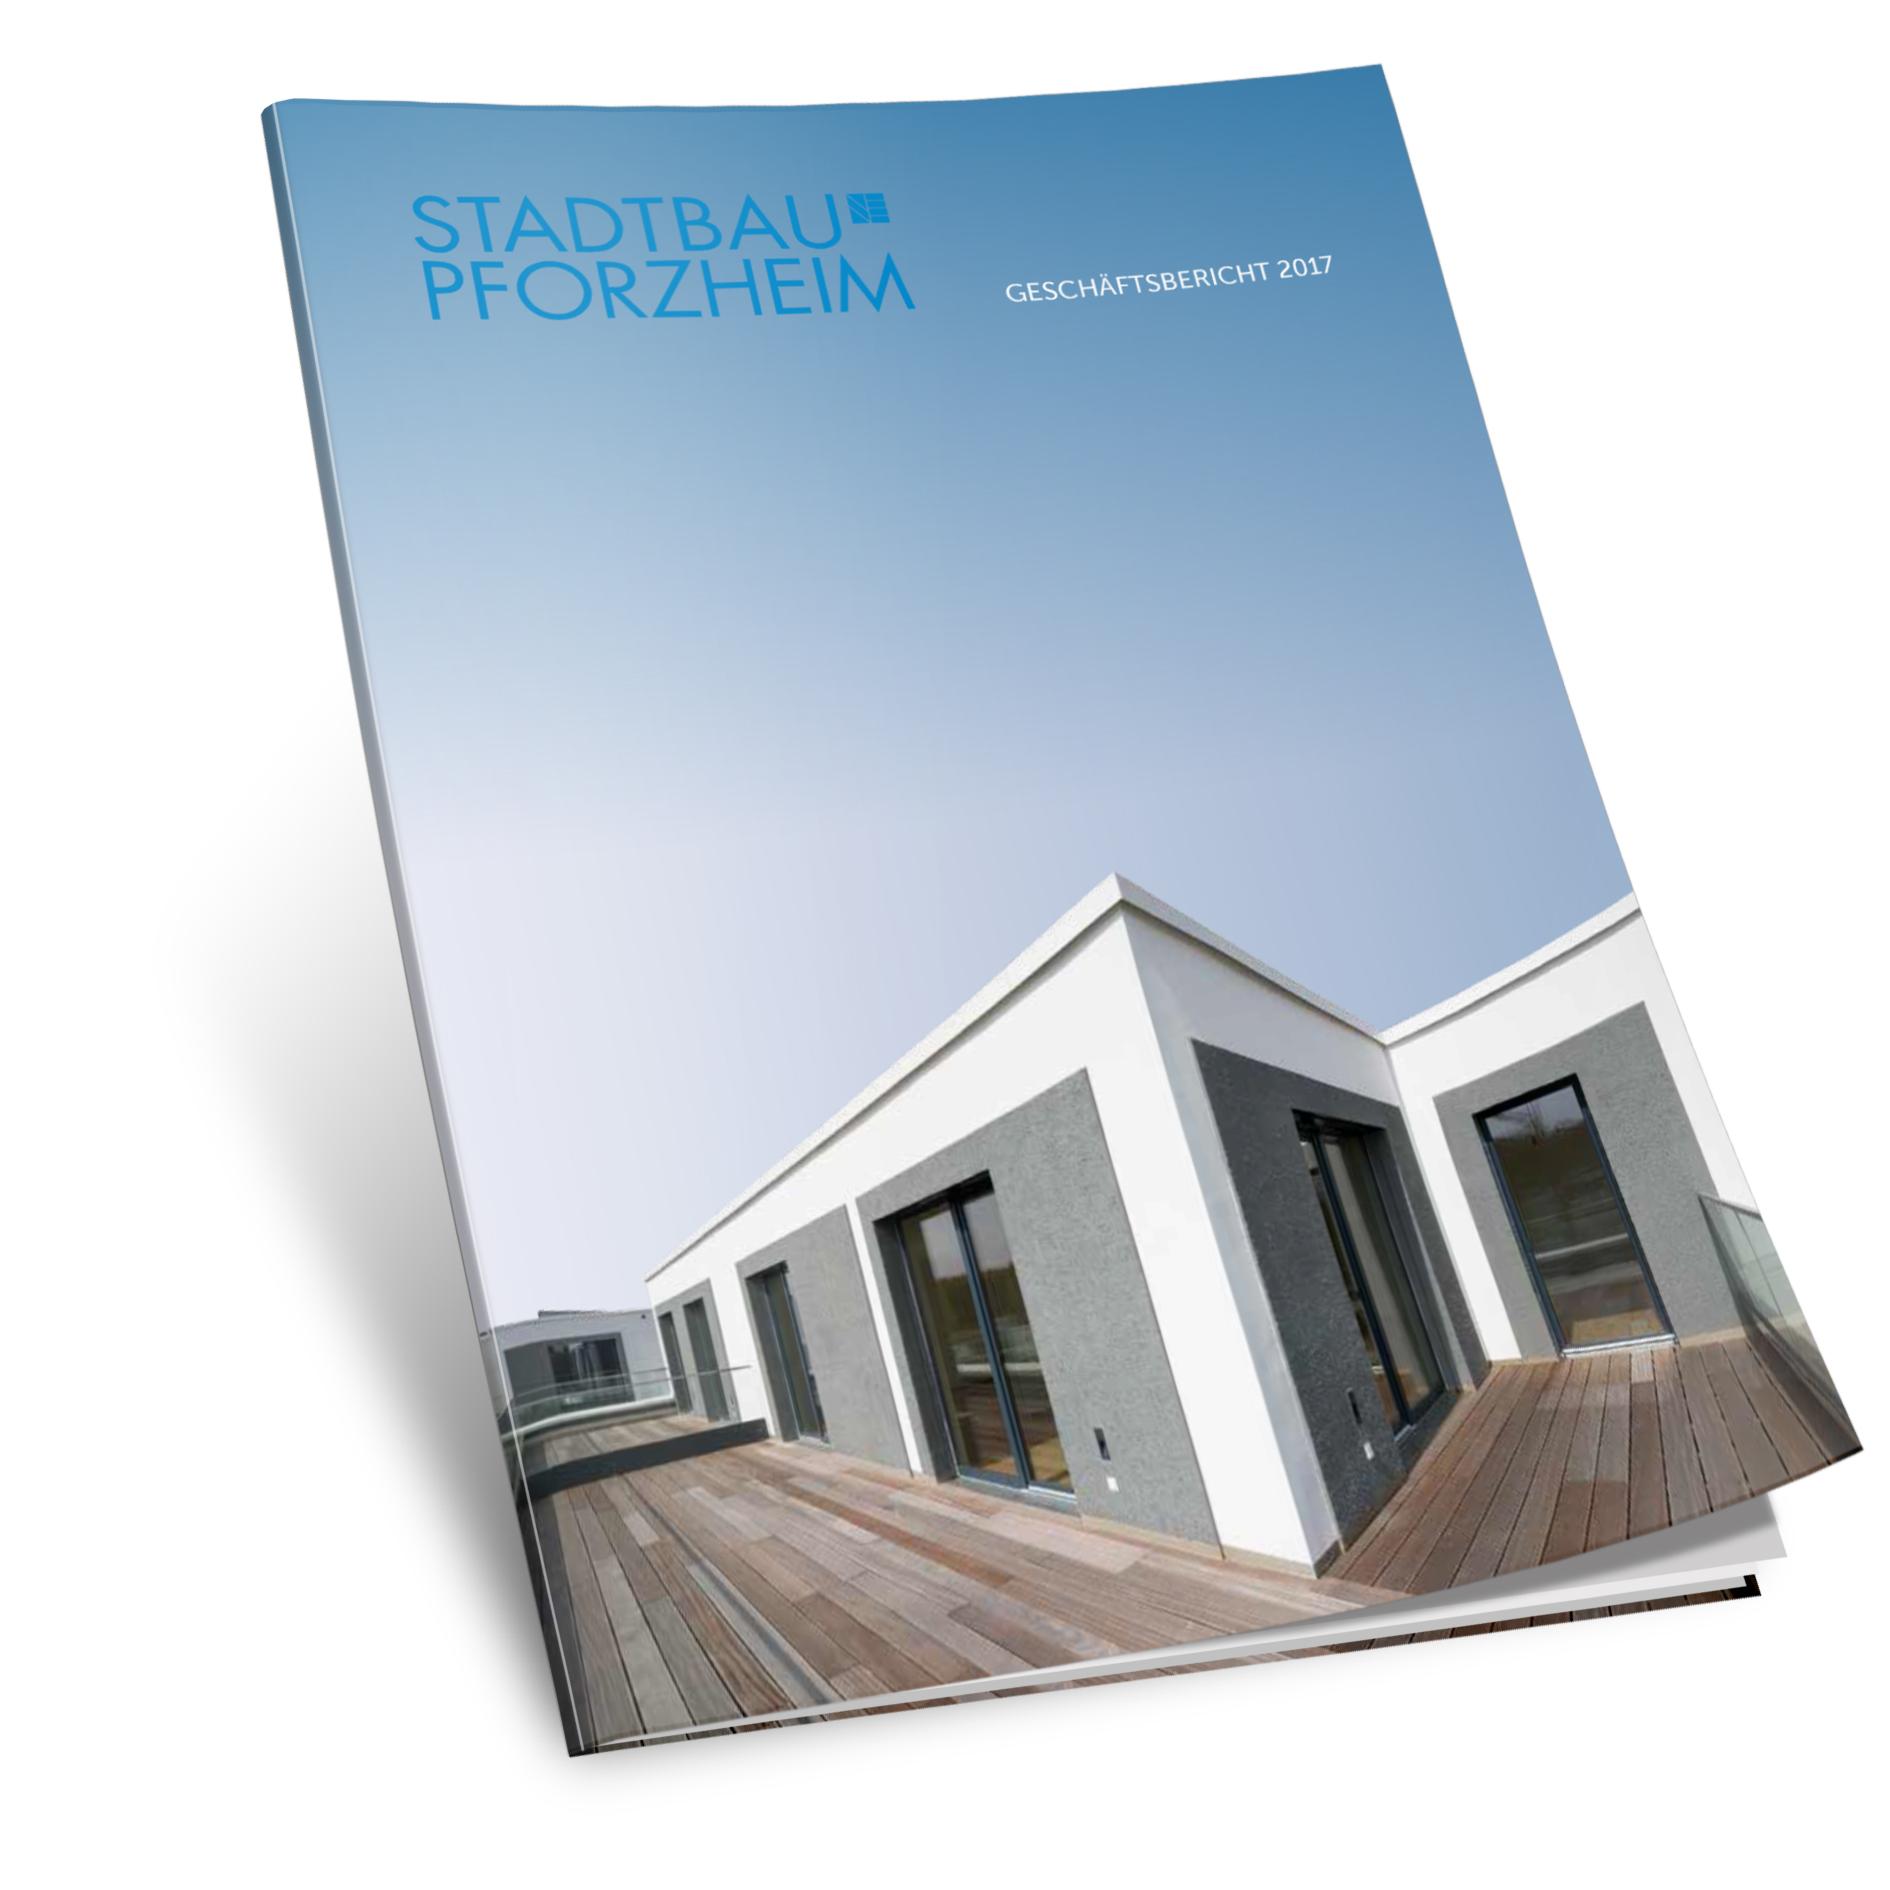 stadtbau-geschaeftsbericht-2017